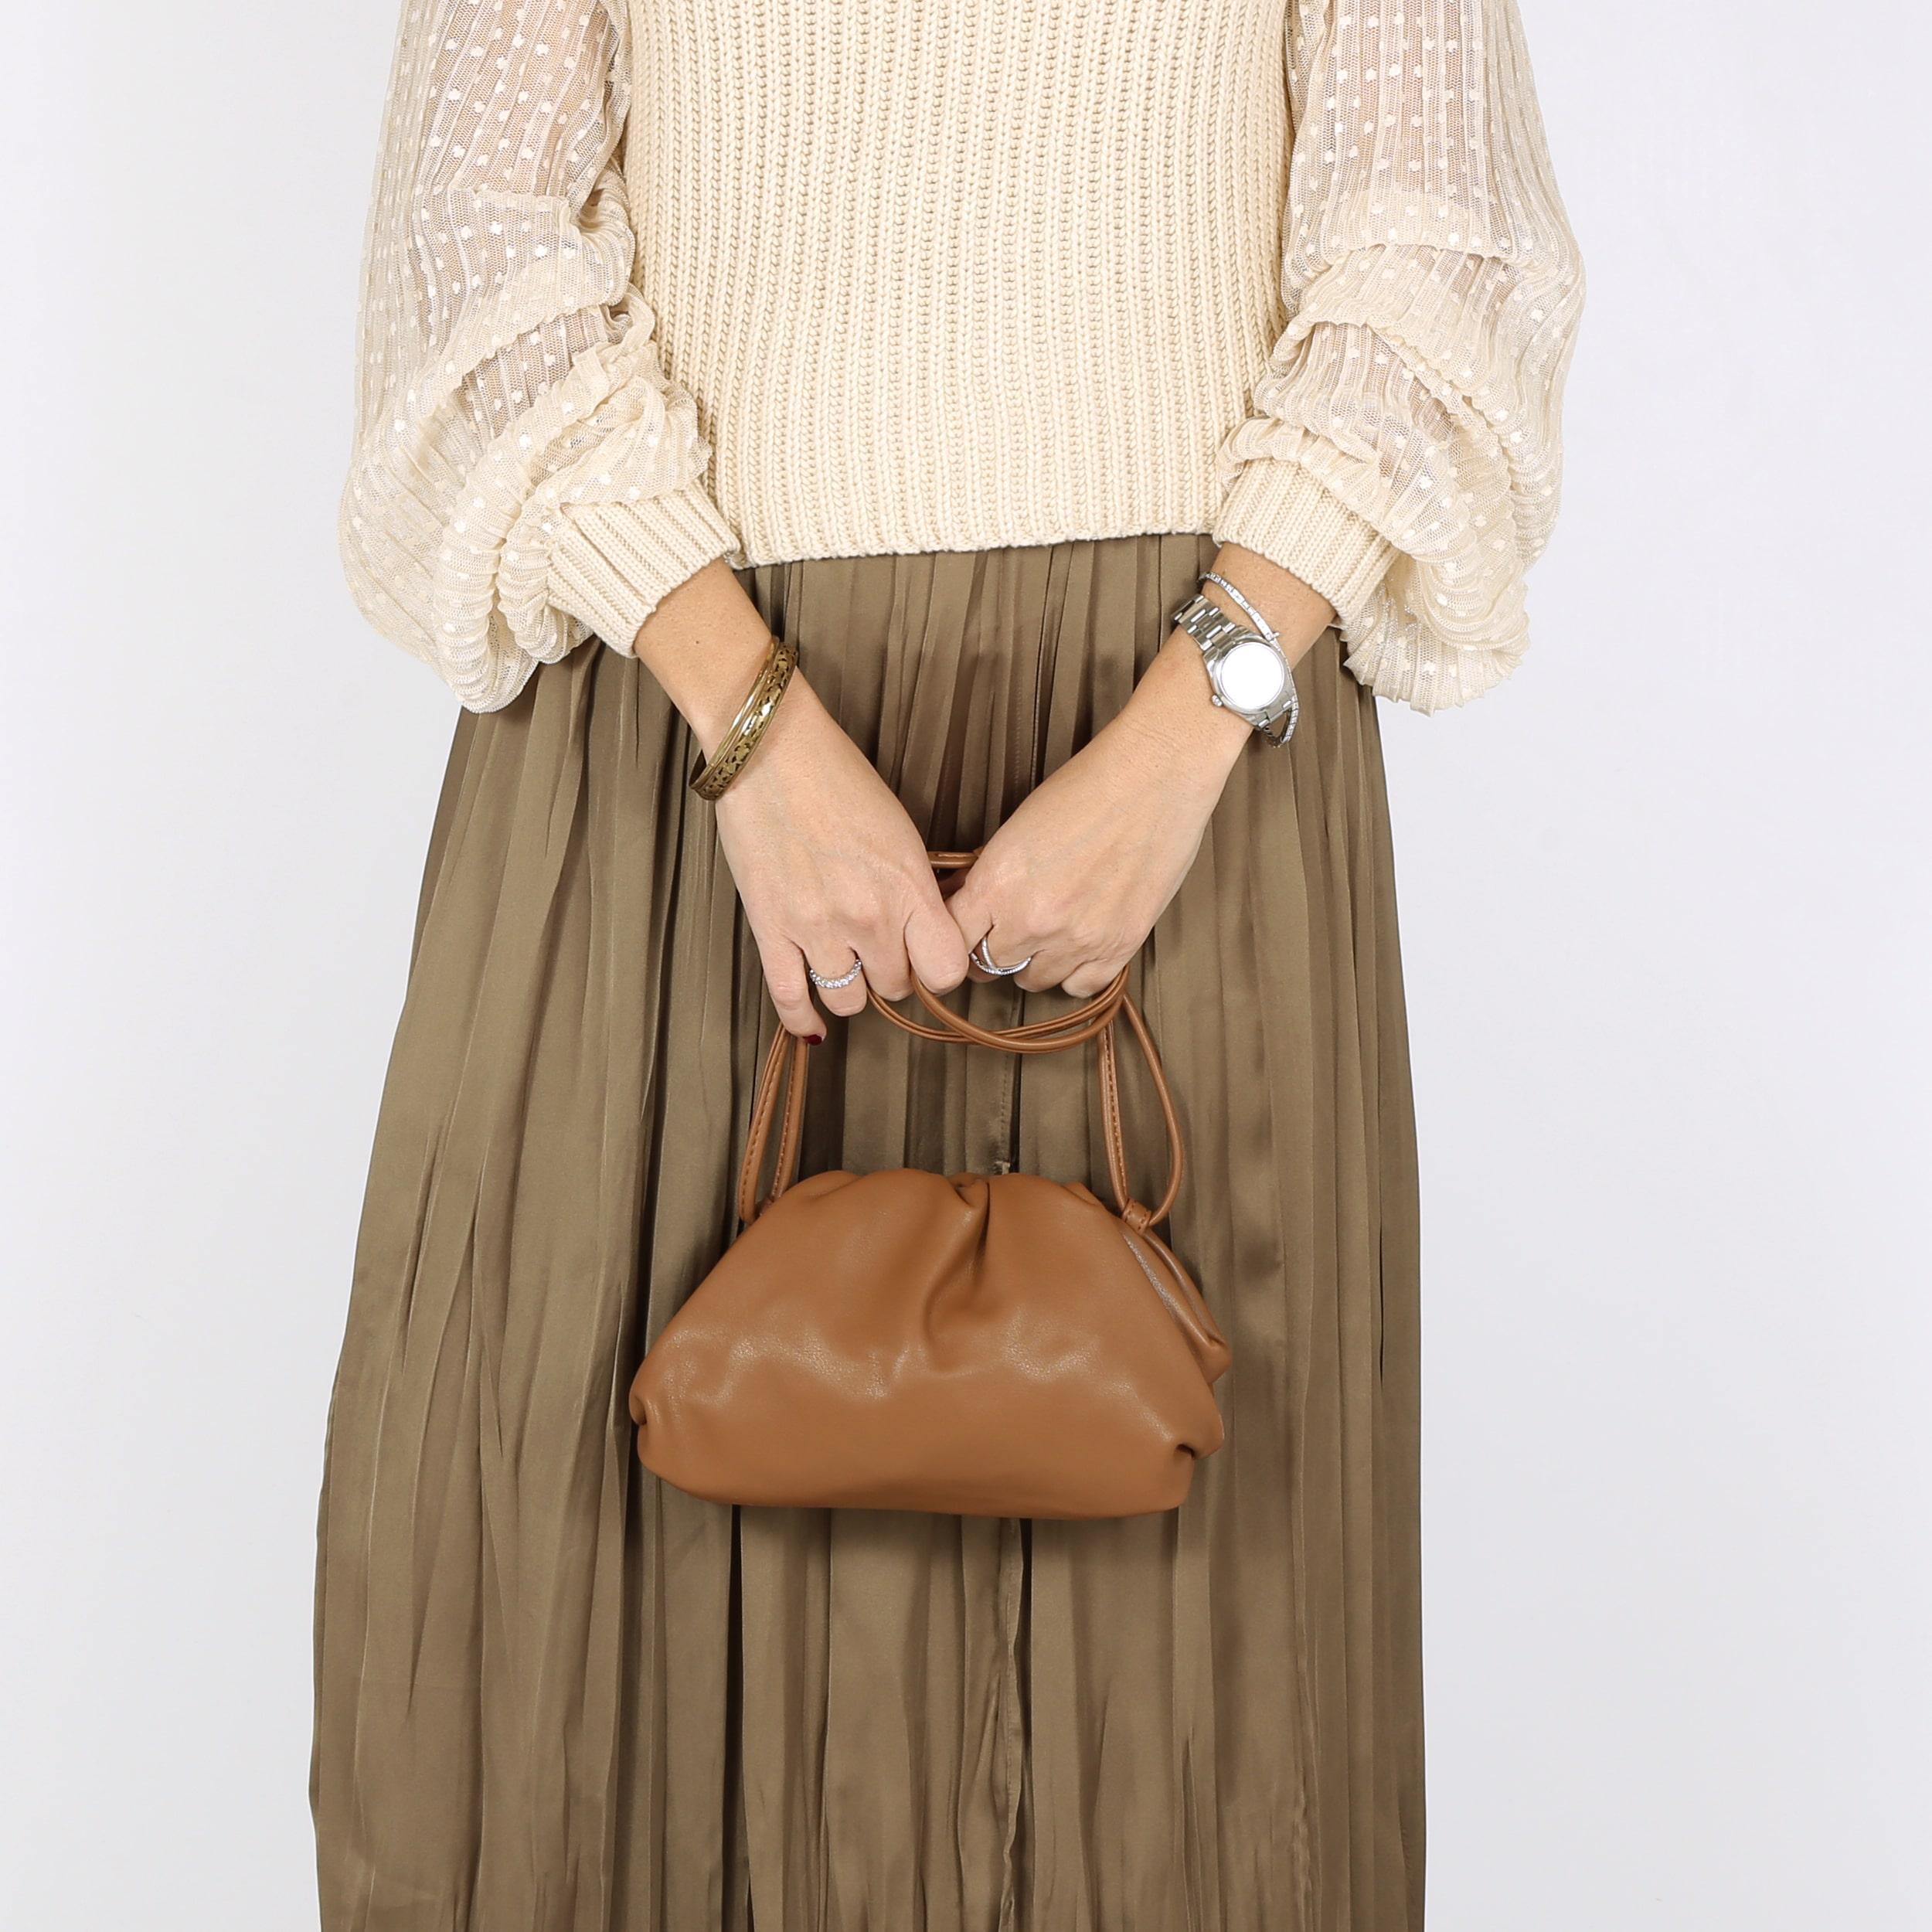 דגם אשלי: קלאץ' לנשים בצבע קאמל